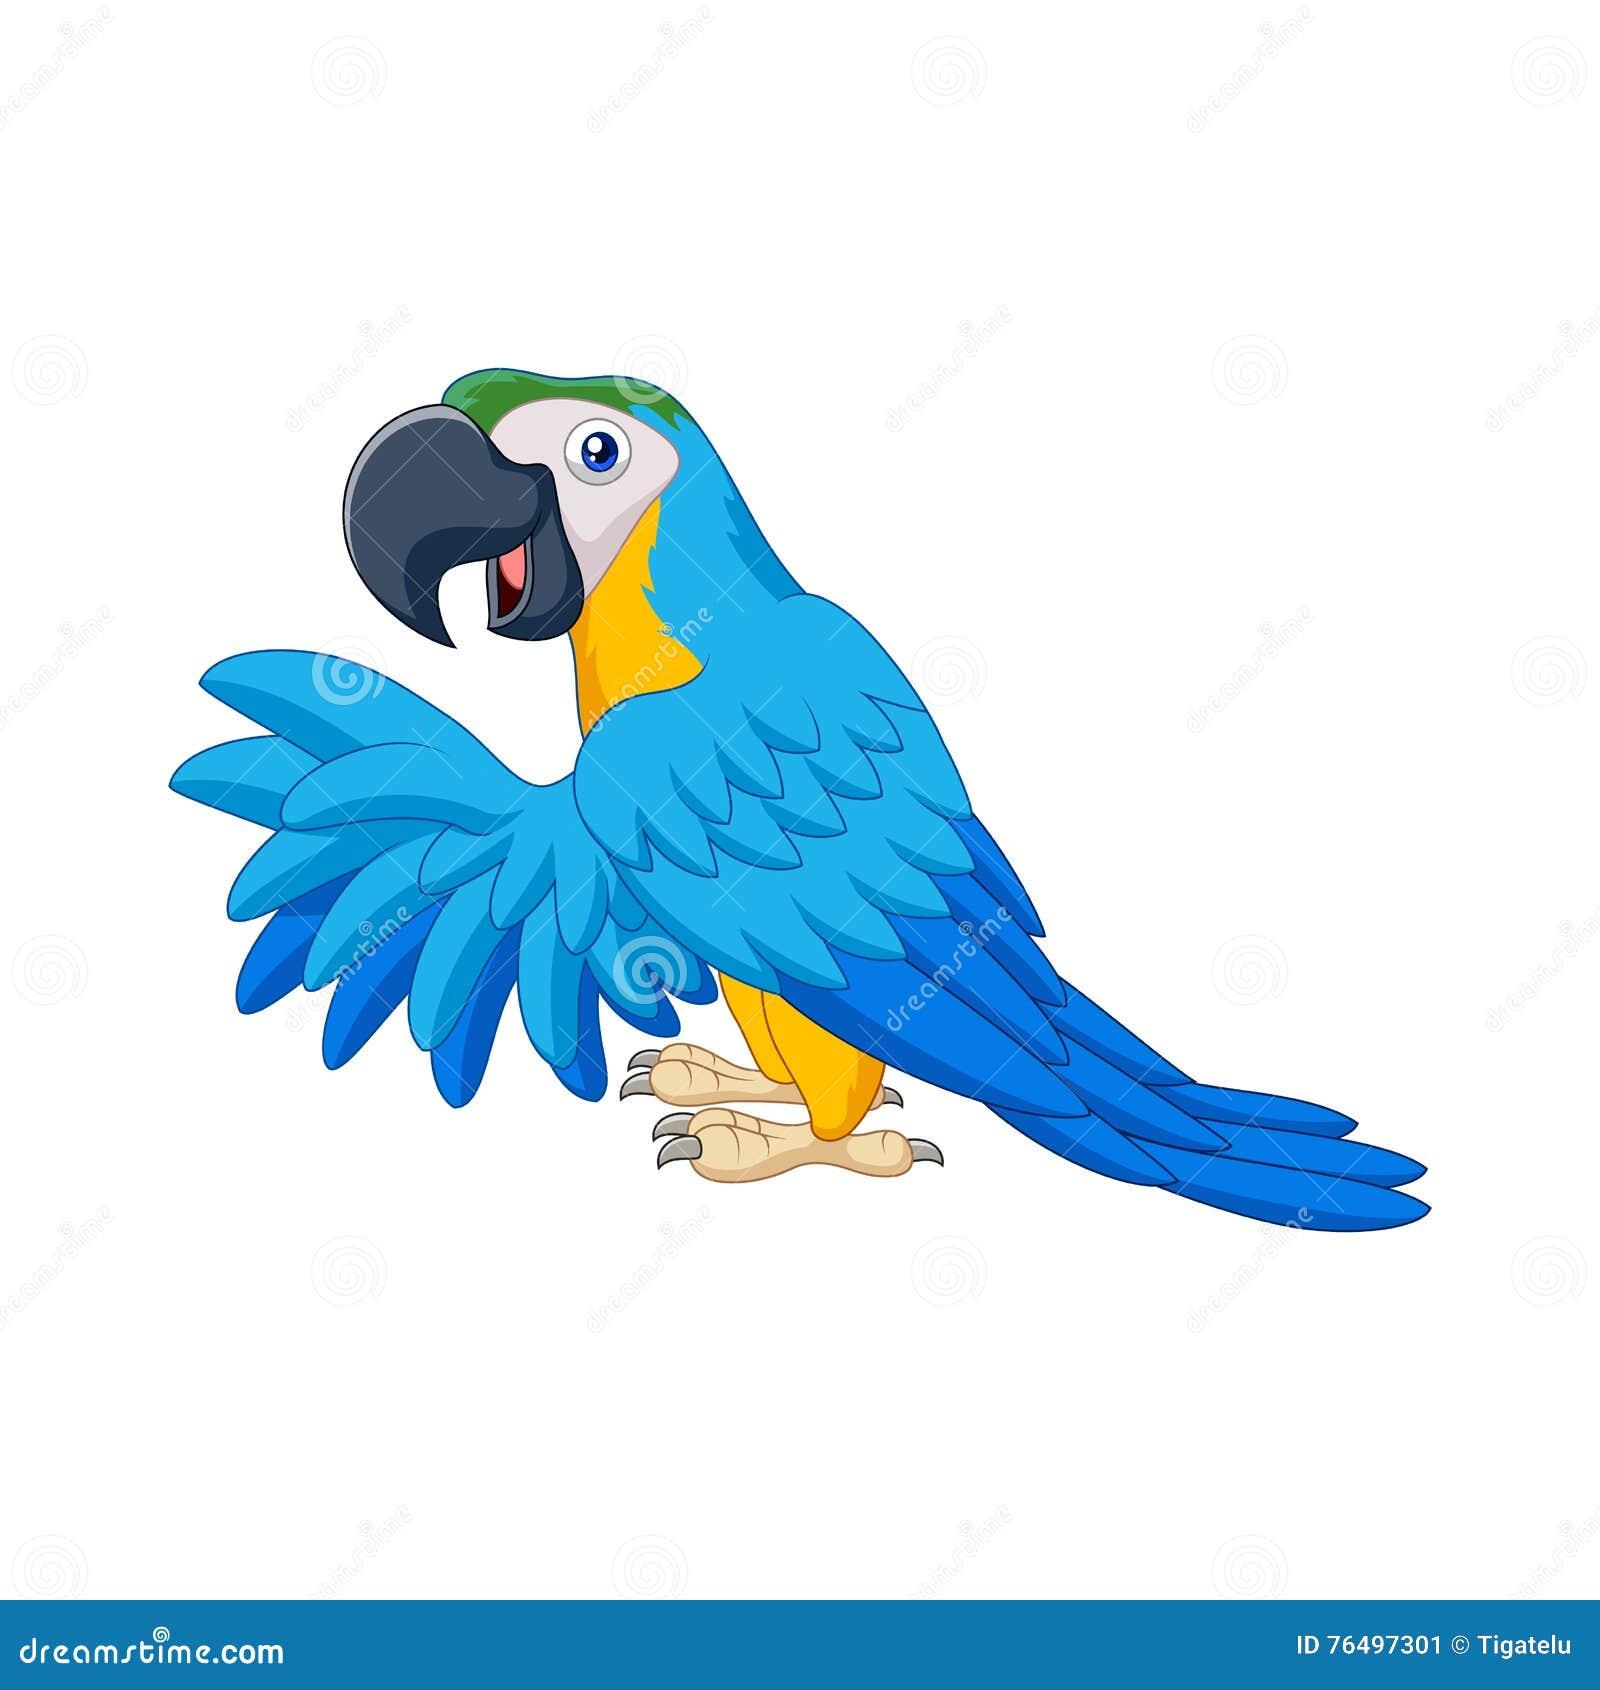 Wonderbaarlijk Beeldverhaal Blauwe Papegaai Vector Illustratie - Illustratie BF-93